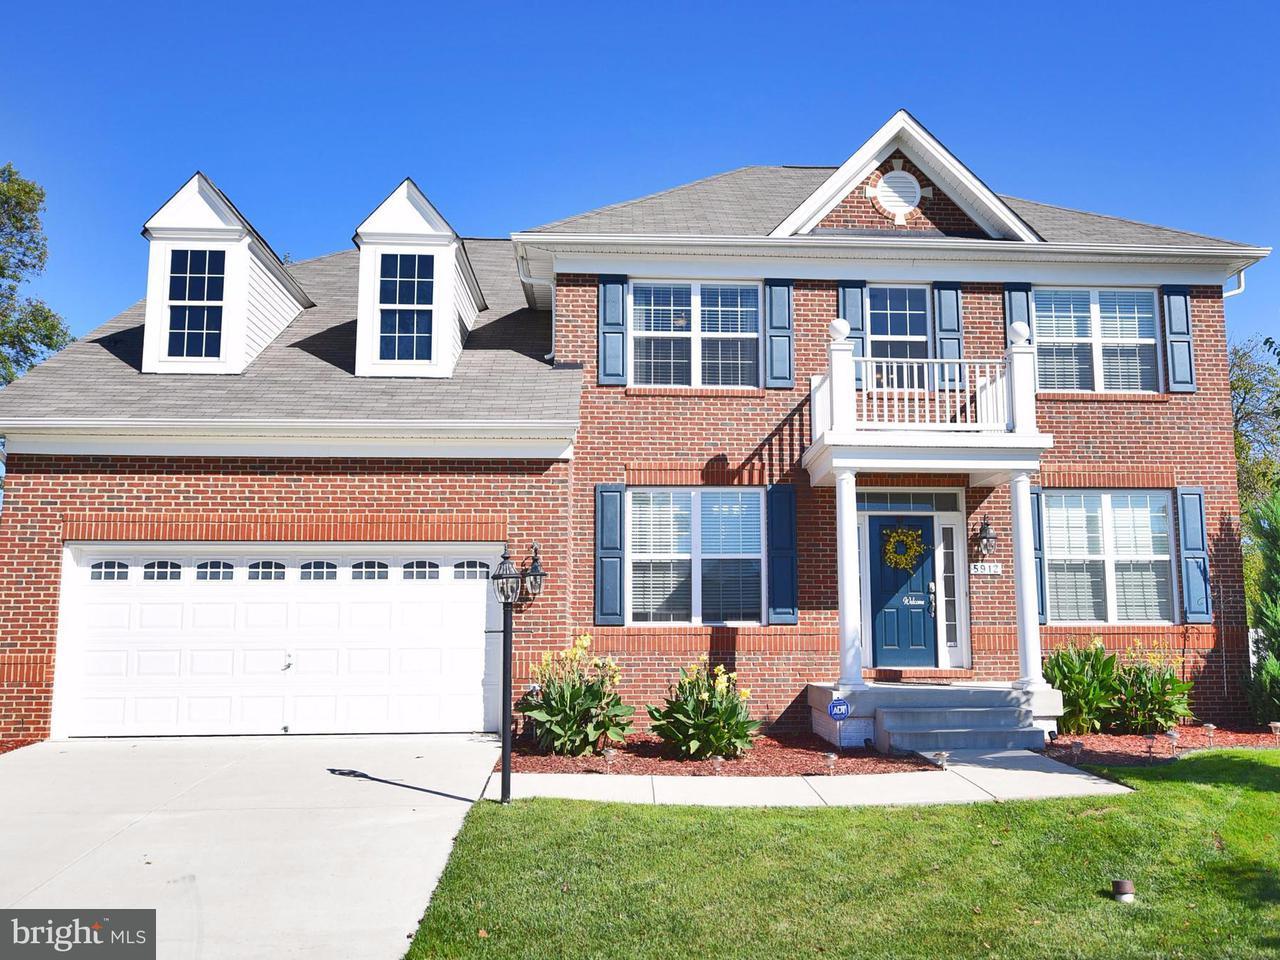 Casa Unifamiliar por un Venta en 5912 GAMBRILL Circle 5912 GAMBRILL Circle White Marsh, Maryland 21162 Estados Unidos